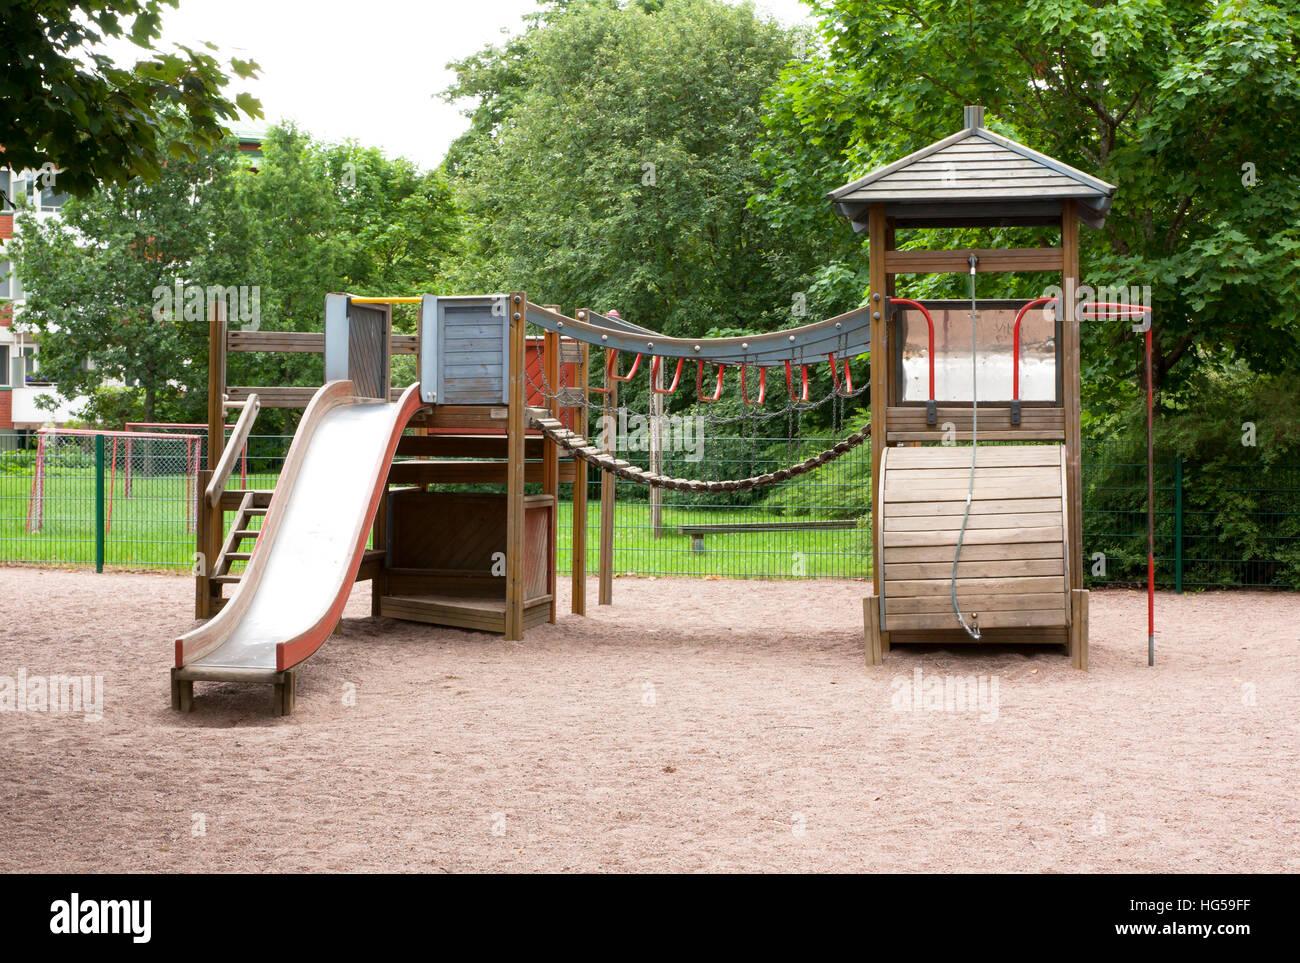 Klettergerüst Mit Rutsche : Kinderspielplatz mit rutsche klettergerüst und schaukeln im sommer